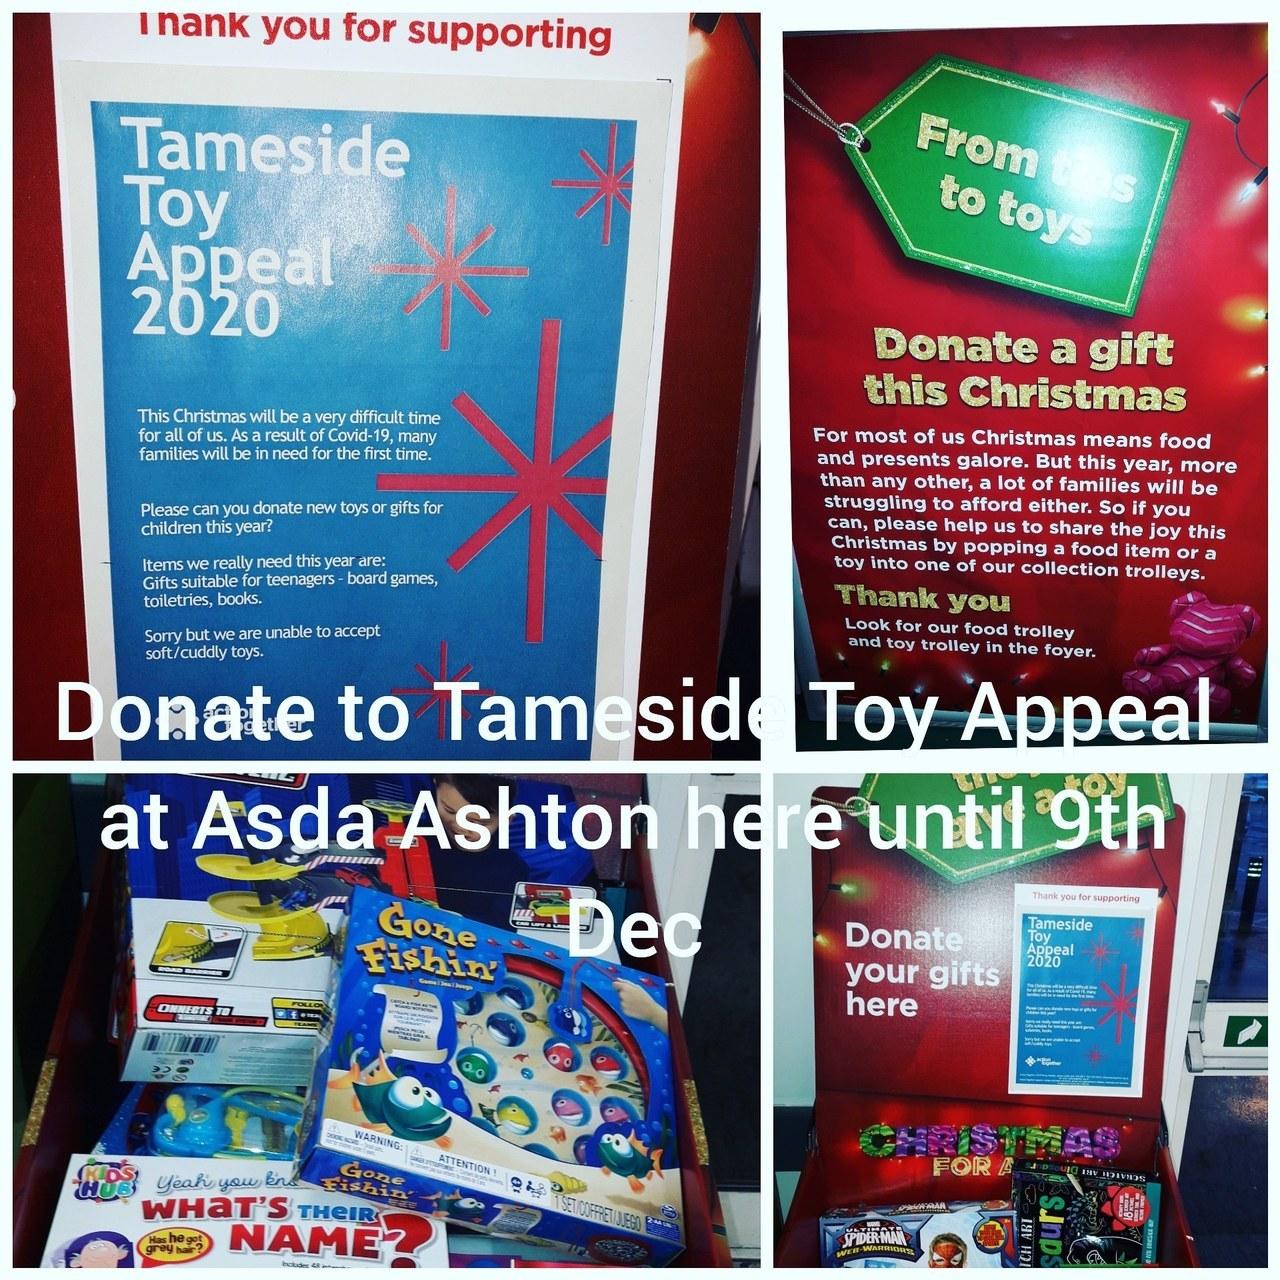 Tameside Toy Appeal | Asda Ashton